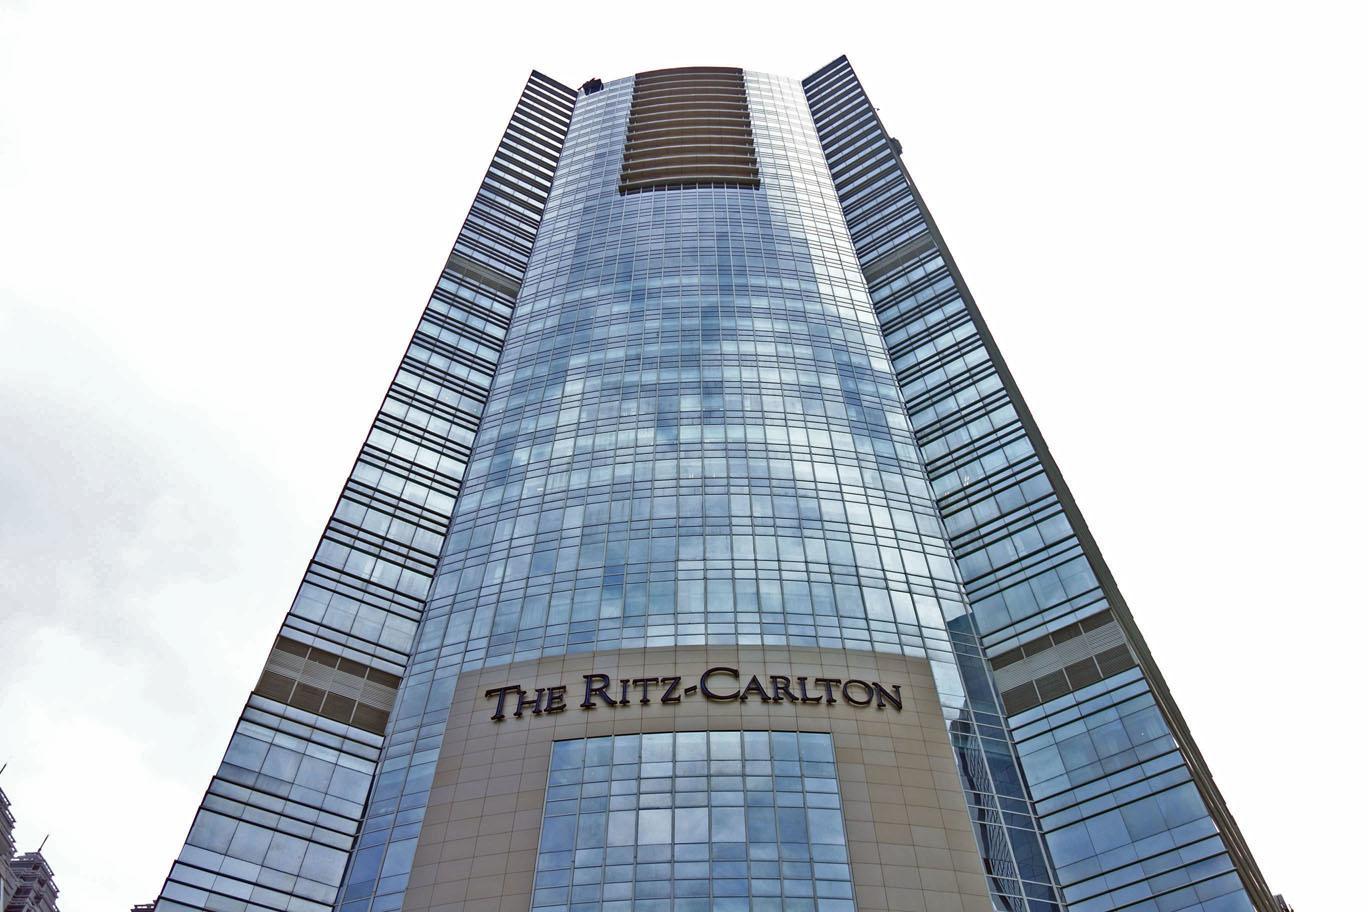 Обзор: Ritz-Carlton Pacific Place, Джакарта